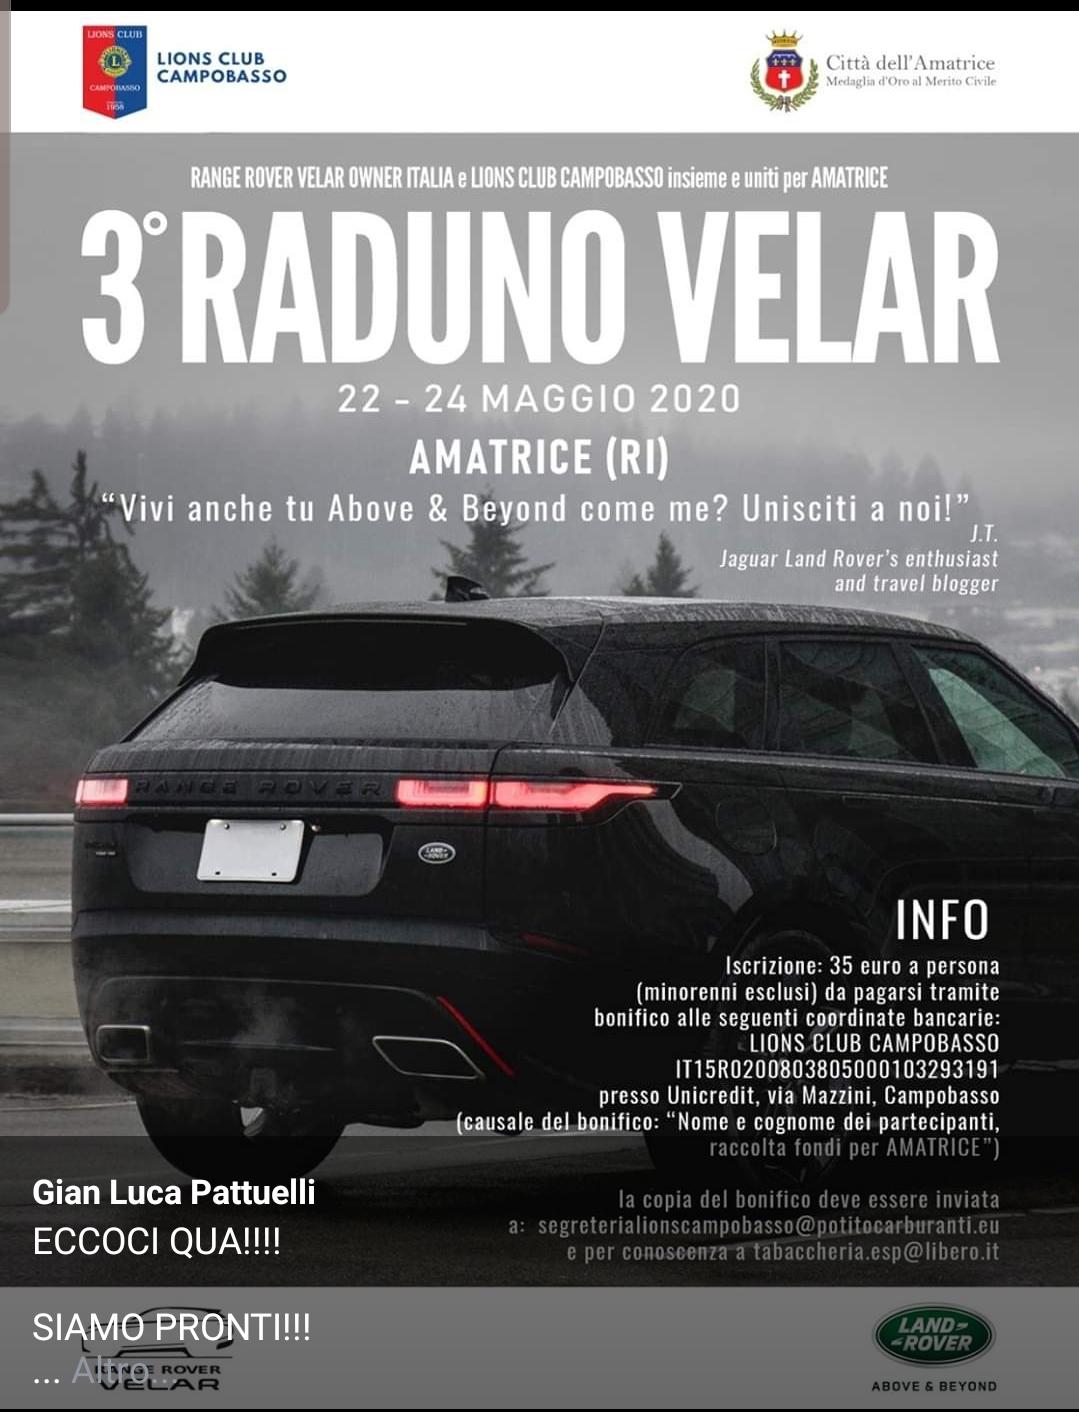 Il Lions Club Campobasso per Amatrice in un evento condiviso con i possessori della Range Rover Velar - CBlive - CBLive